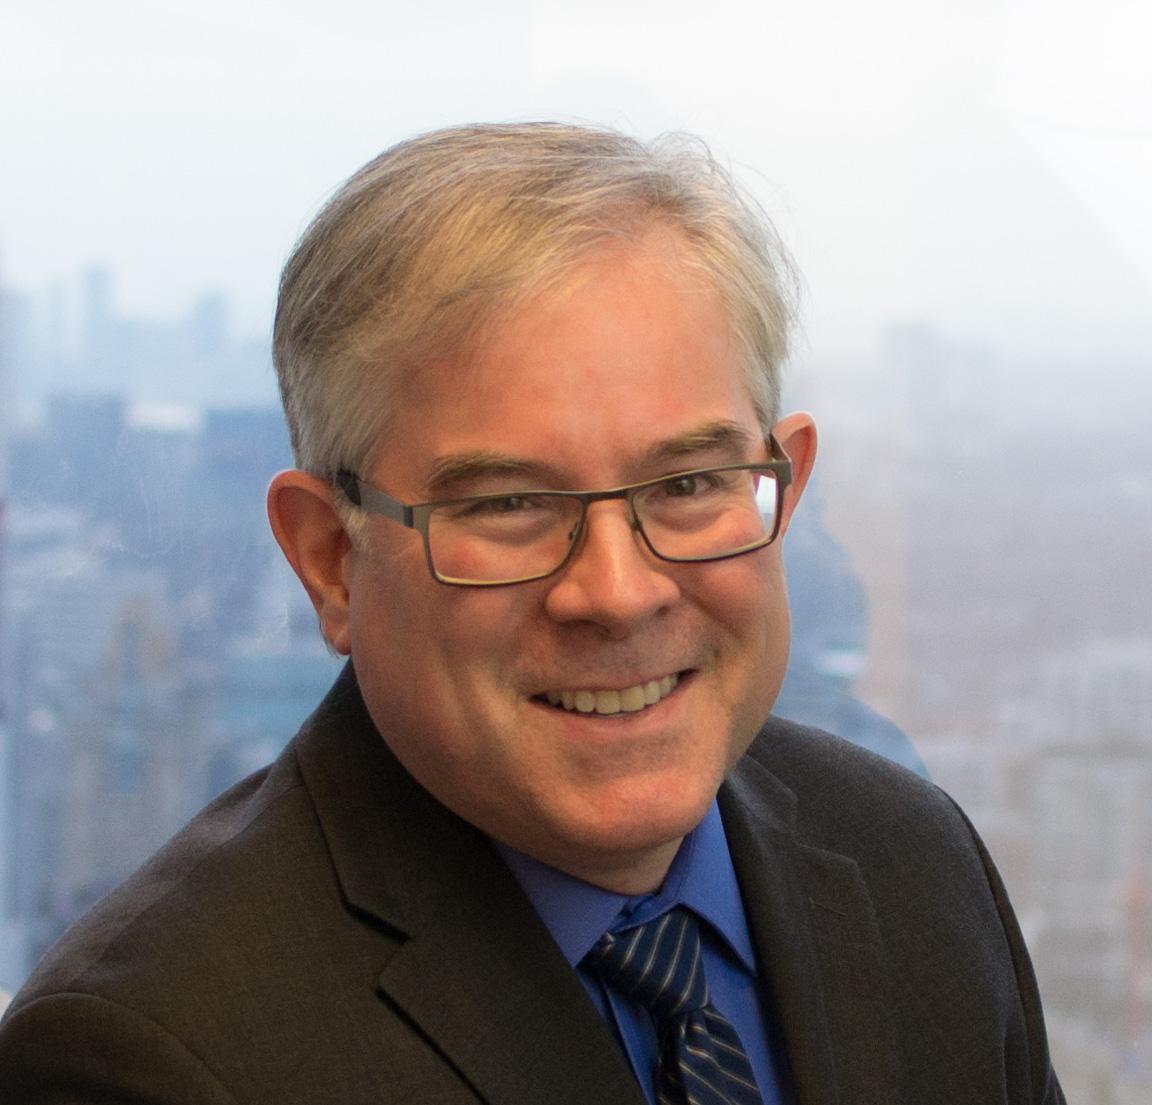 David M. Flynn